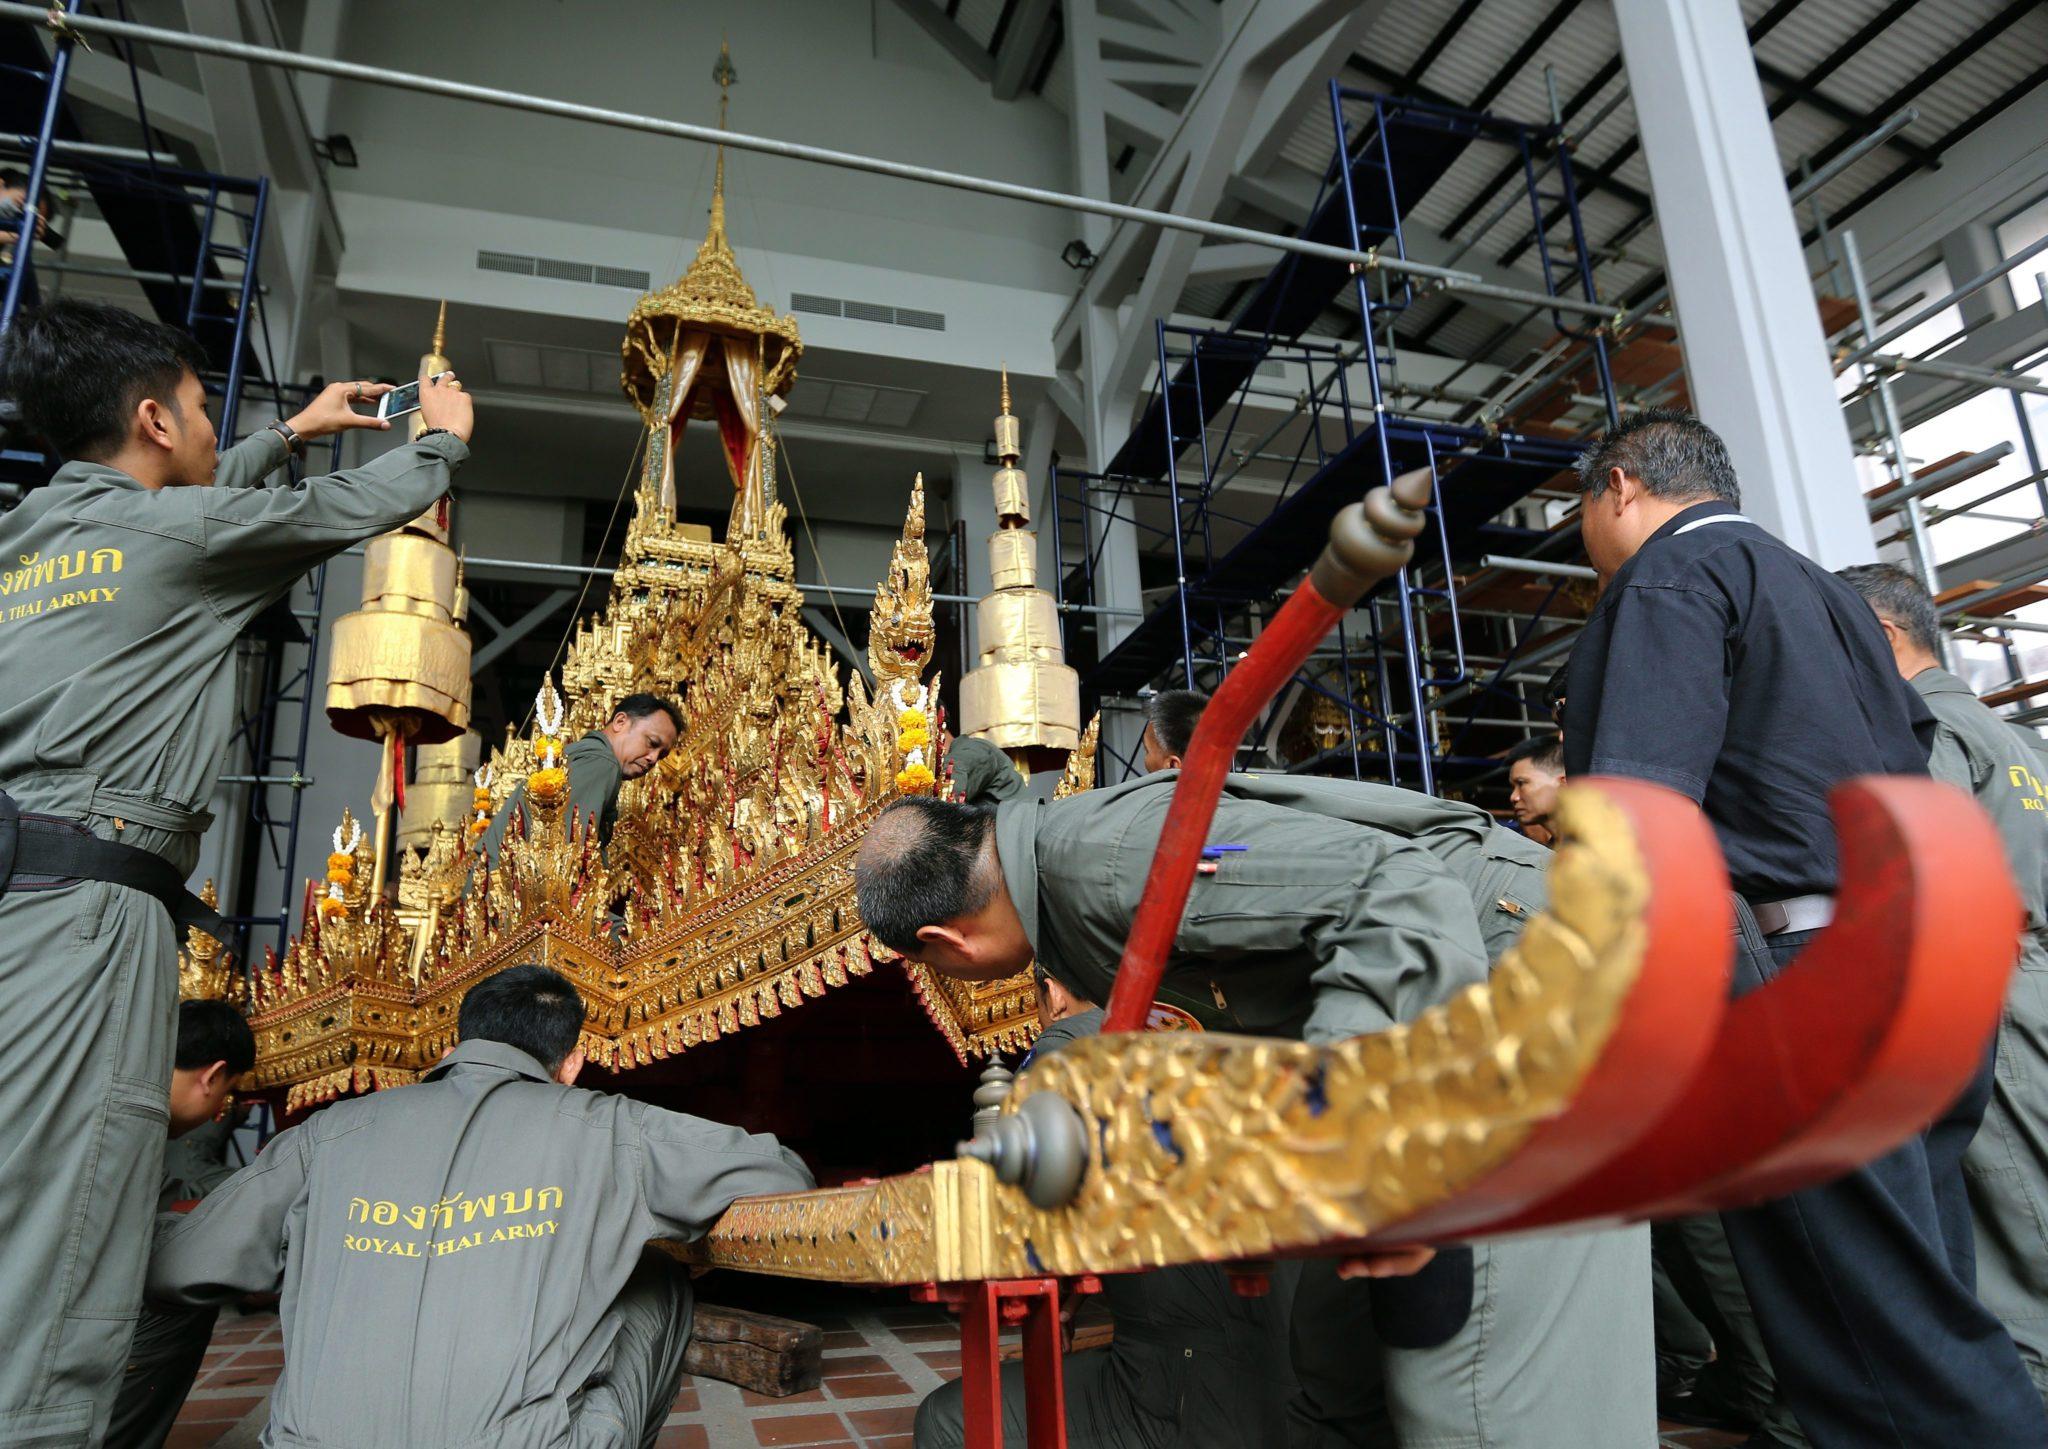 Tajlandia: przygotowania do pochówku króla Bhumibol Adulyadej w Narodowym Muzeum w Bangkoku (foto. PAP/EPA/NARONG SANGNAK)